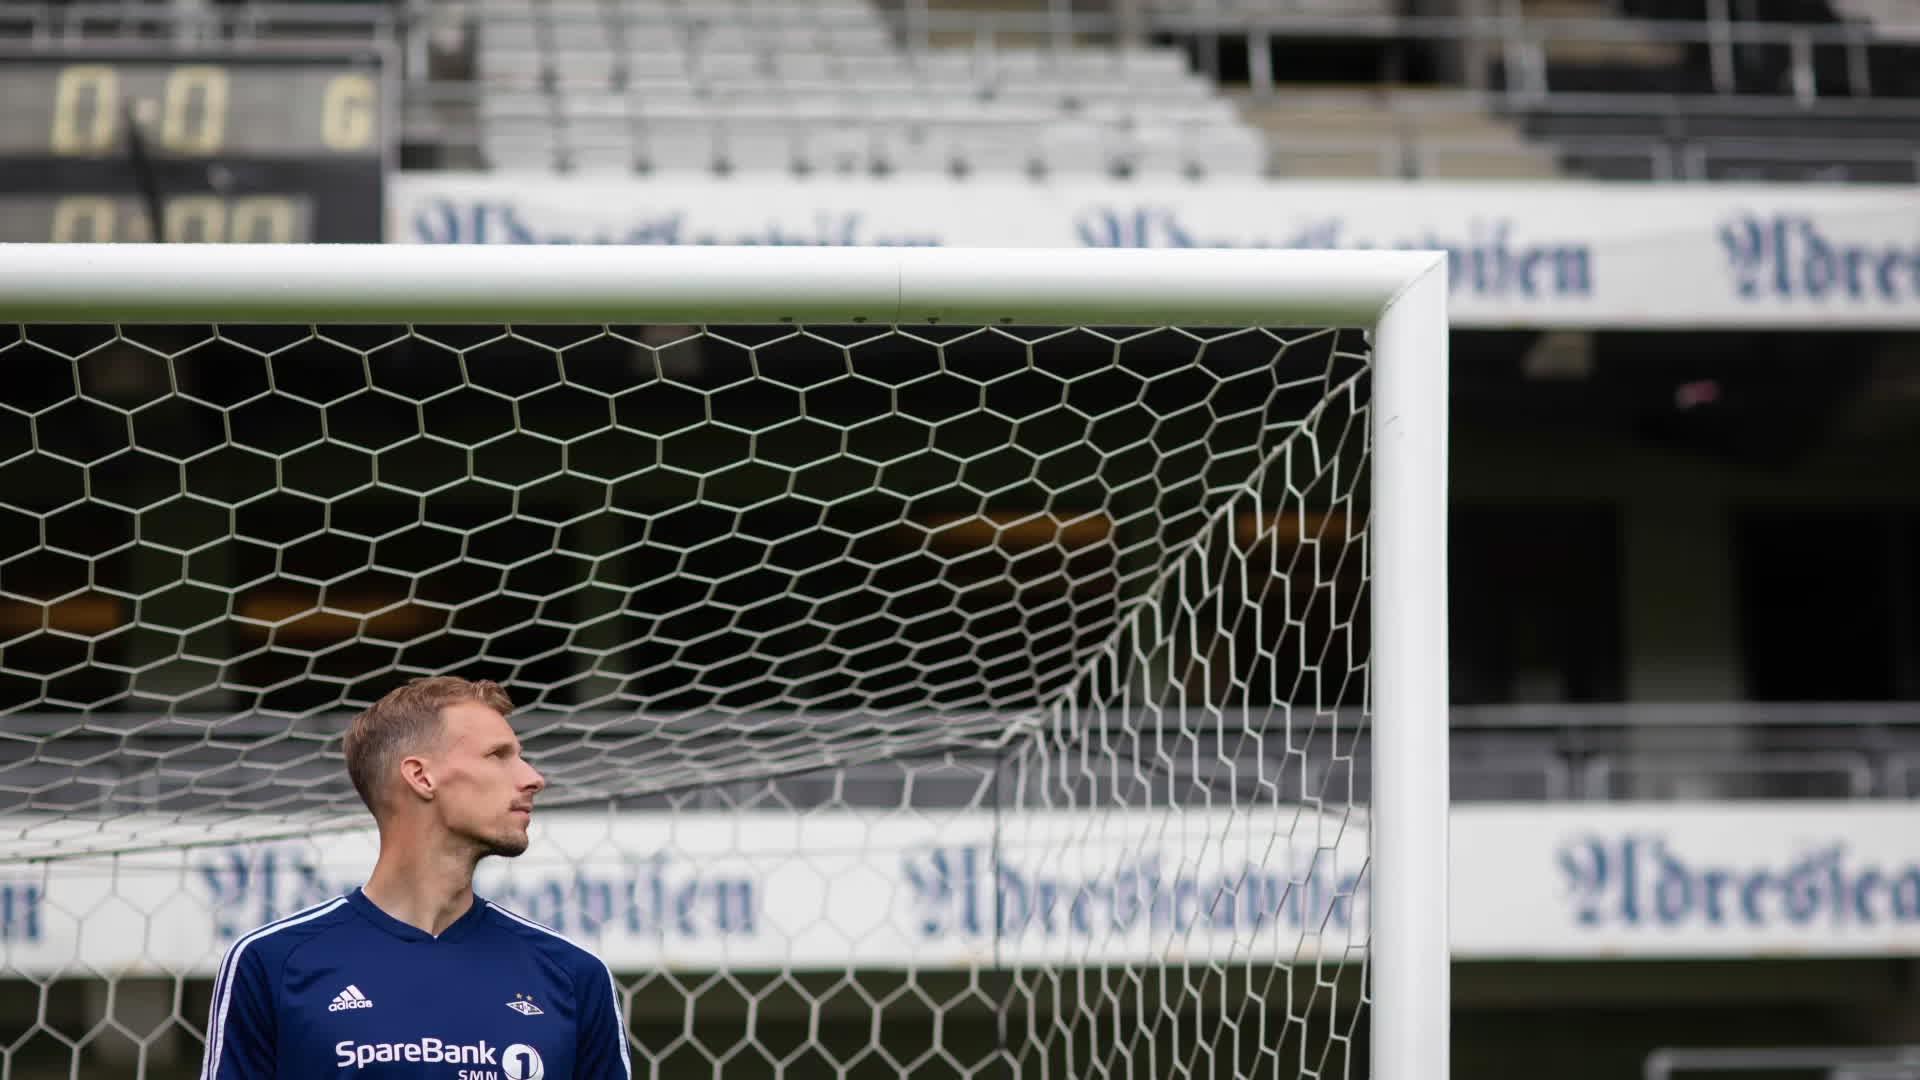 9c927296 Kvinner vs. menn i fotball – NRK Viten – Nyheter innen vitenskap og ...